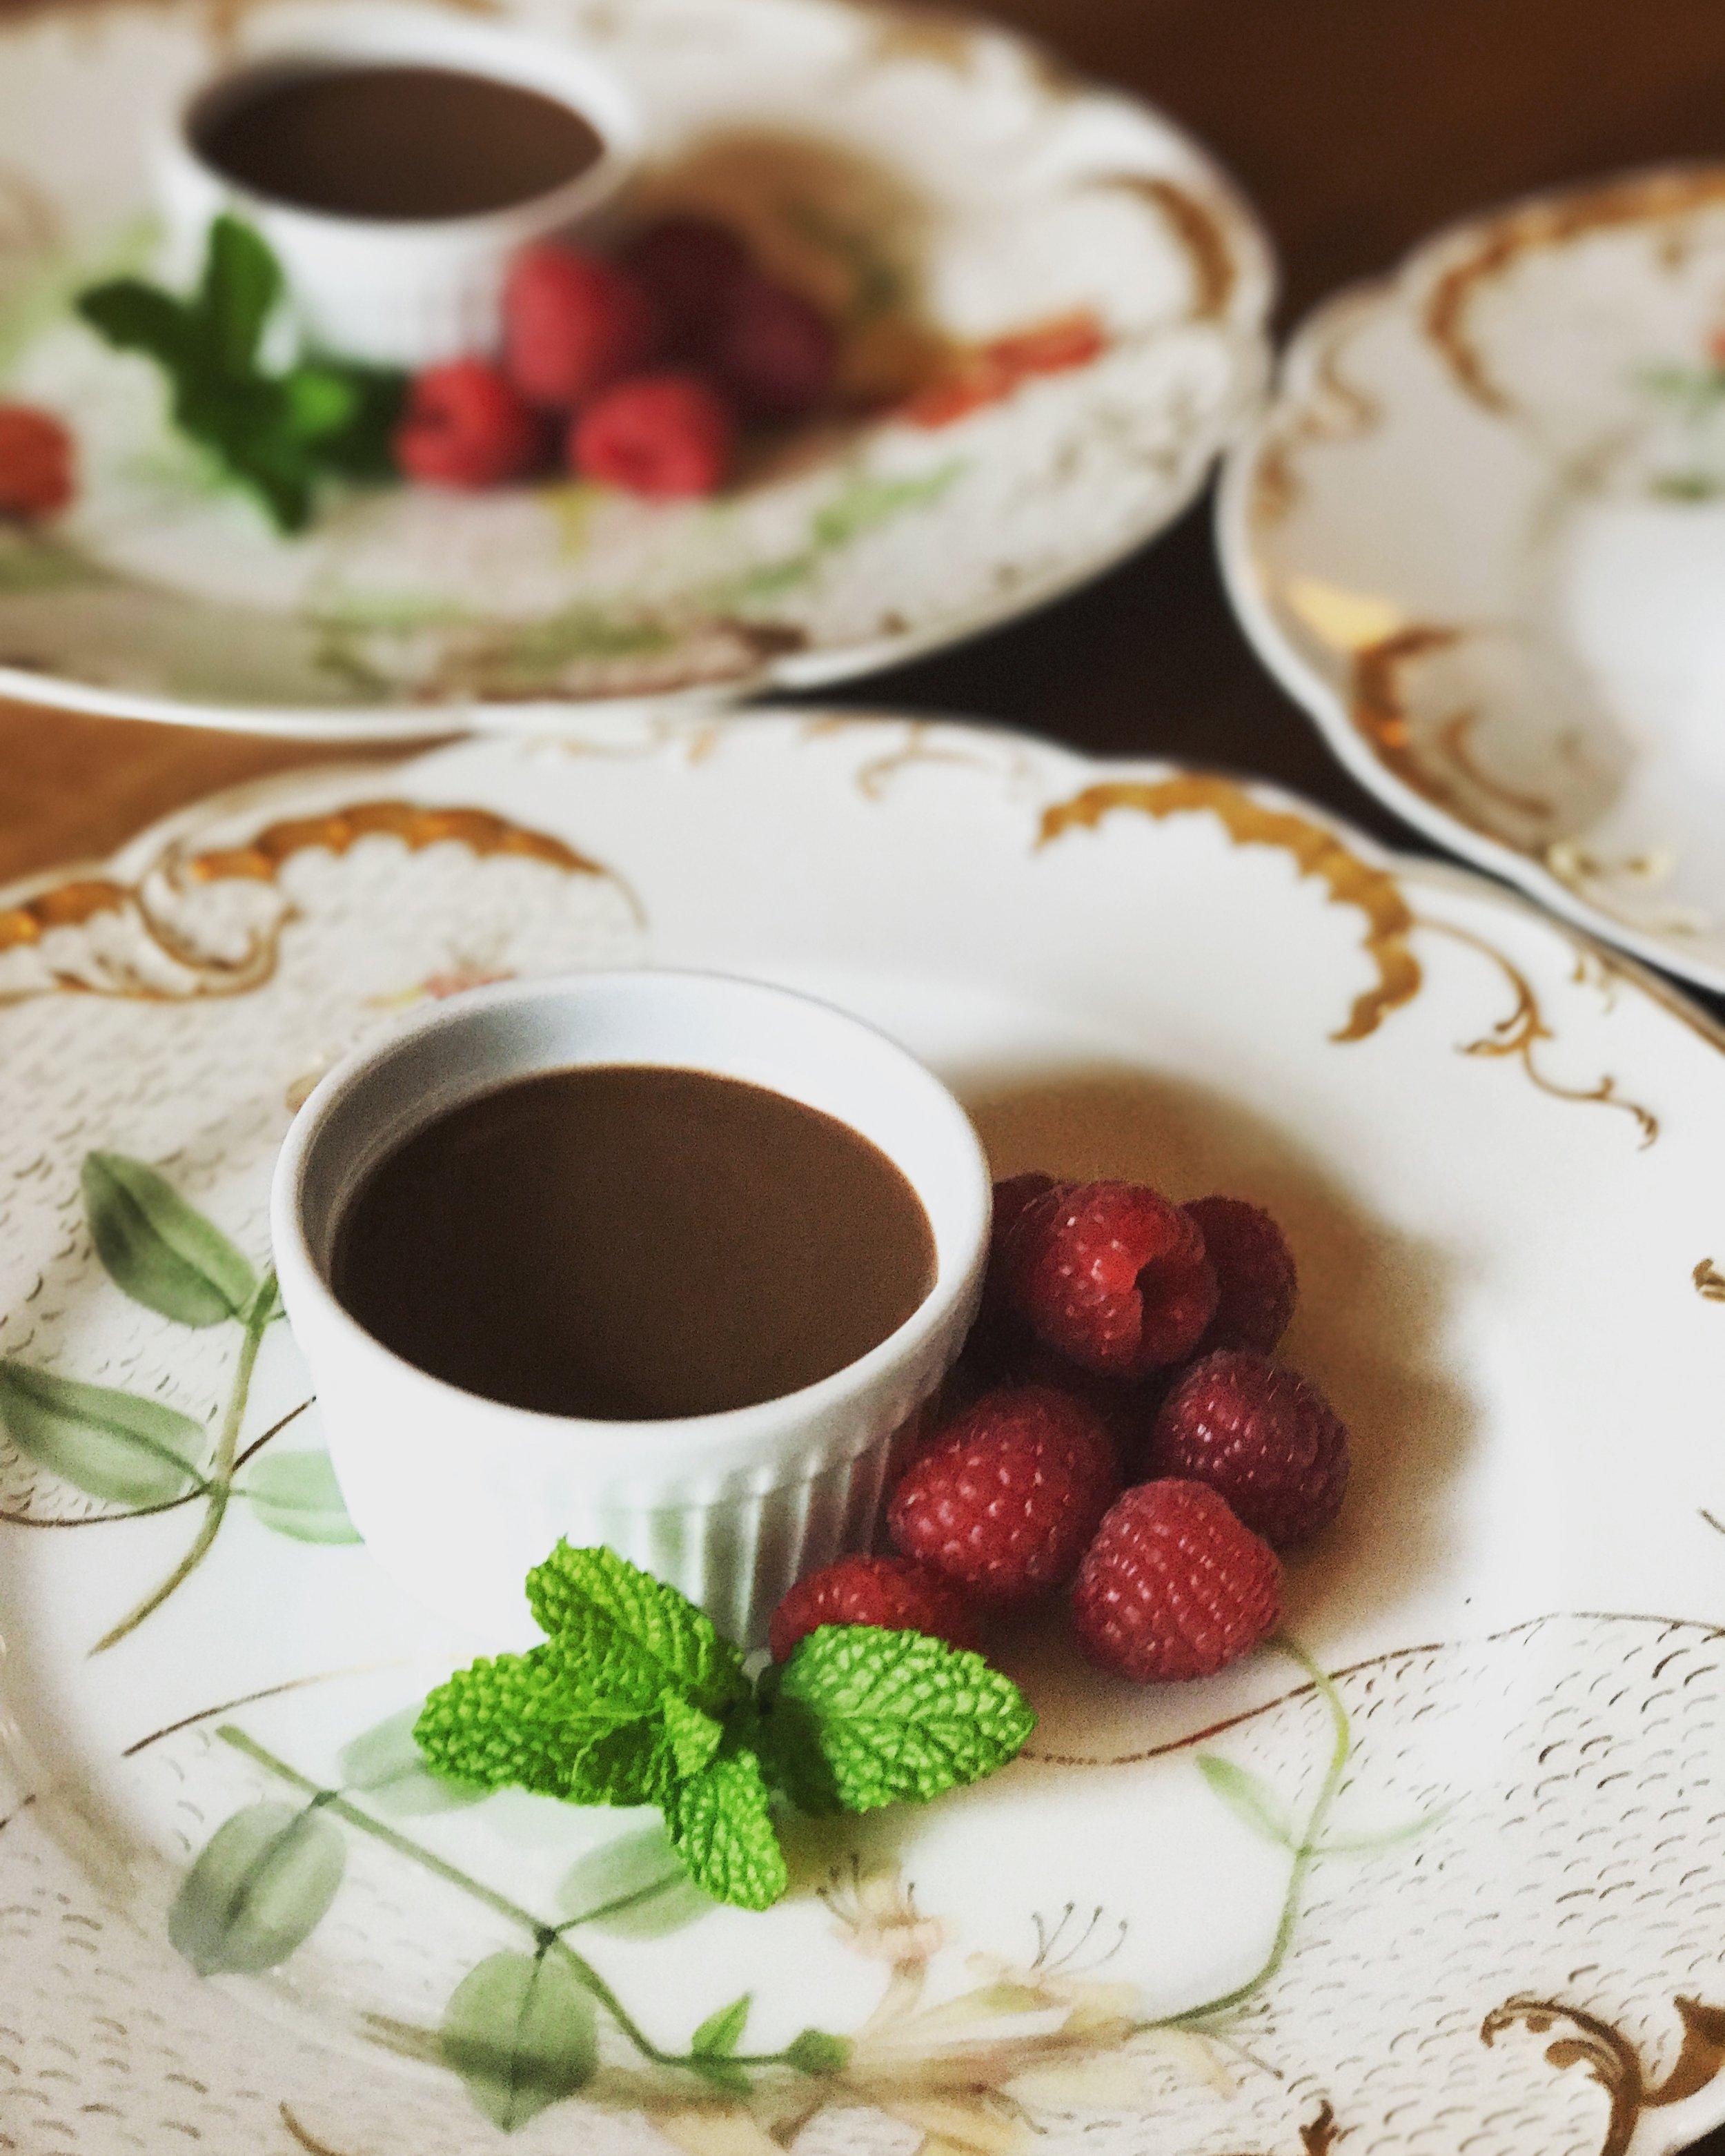 Pots de Crème made with Cacao, Coconut Milk and Honey